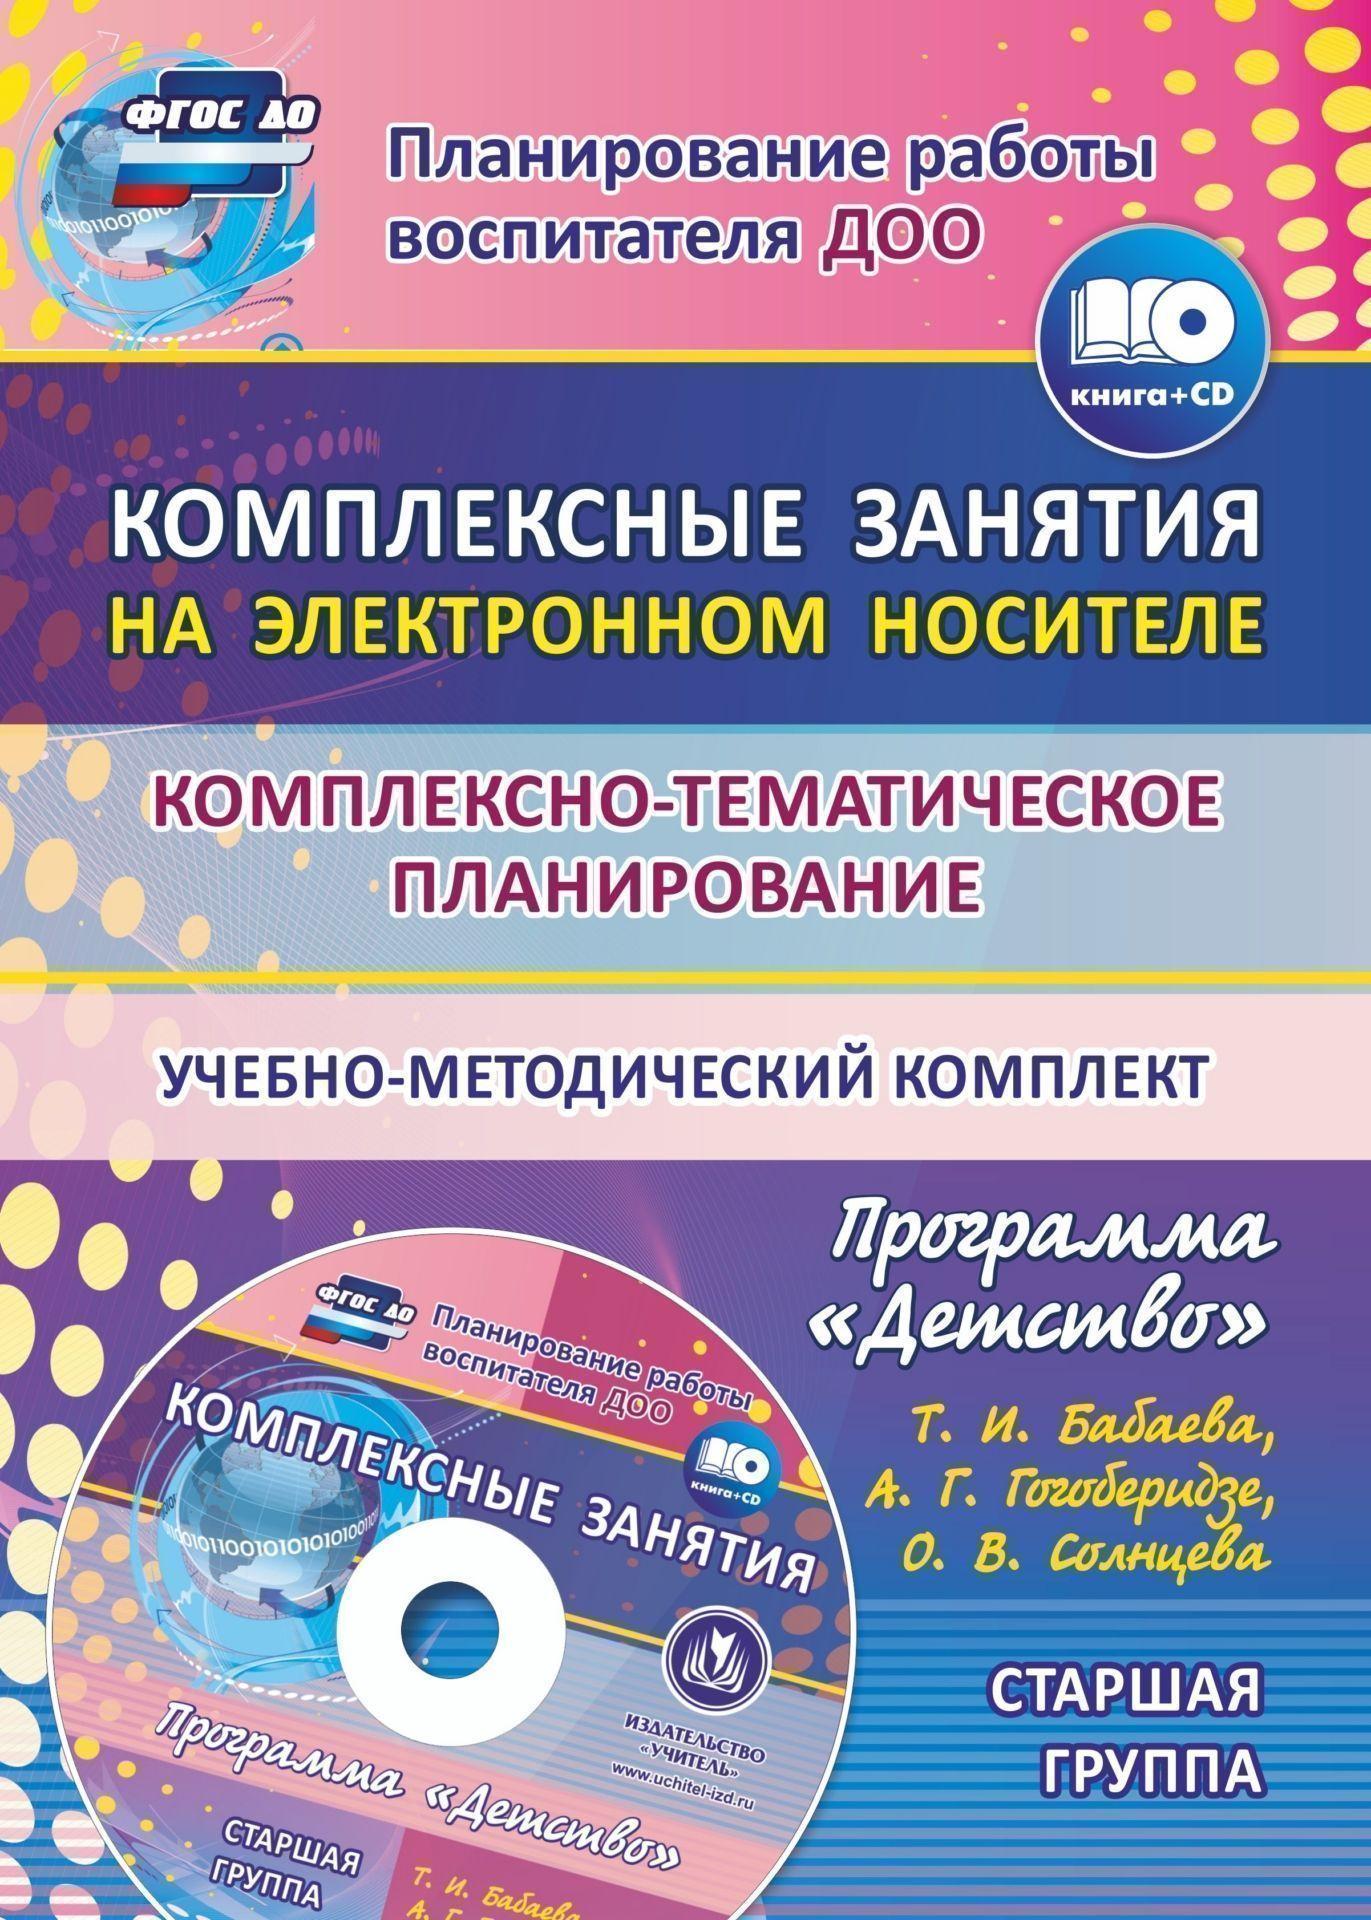 З. А. Ефанова, О. В. Симонова, О. А. Фролова Комплексно-тематическое планирование по программе